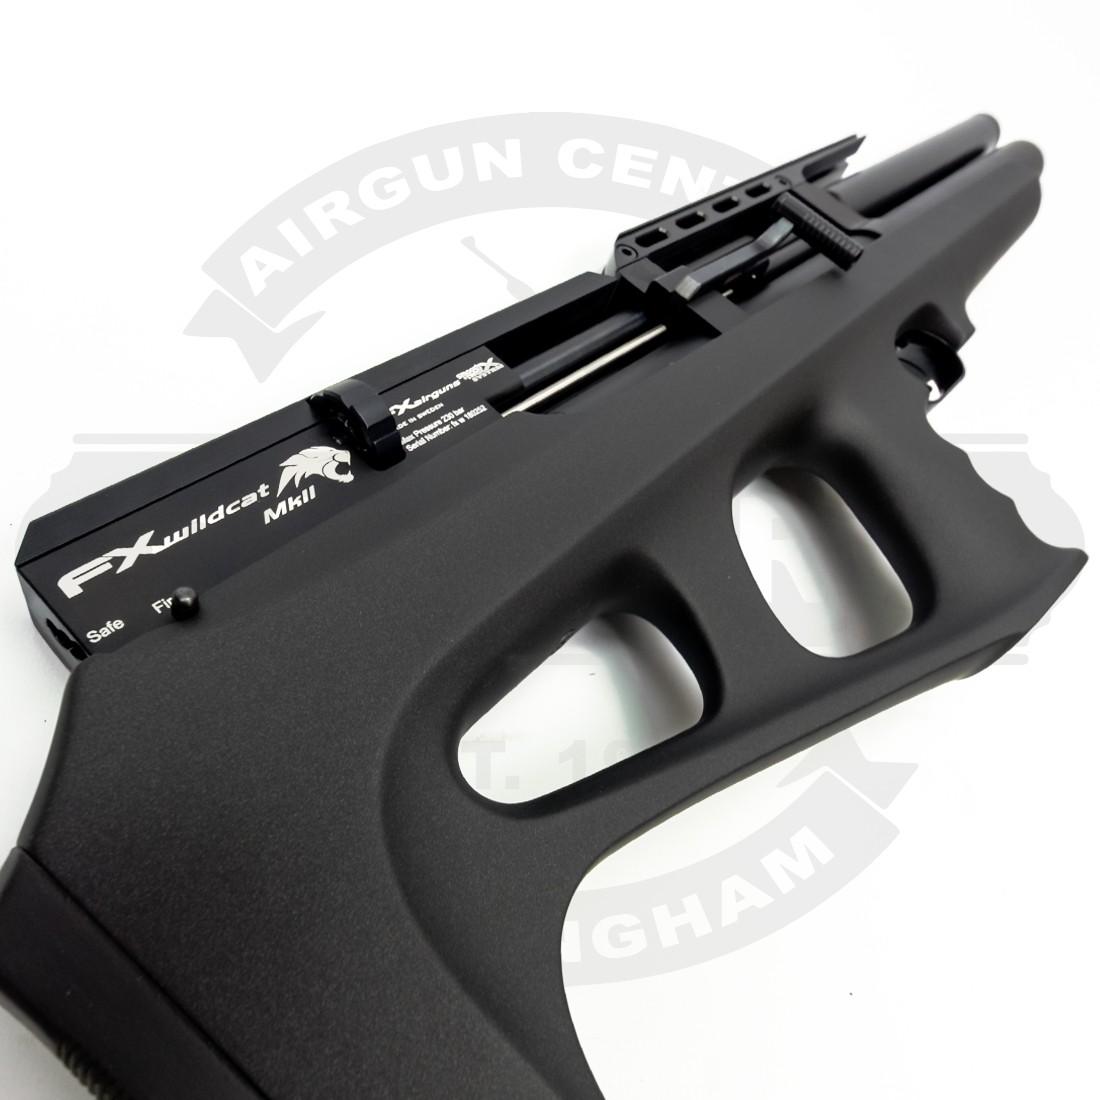 FX Wildcat Mk2  22